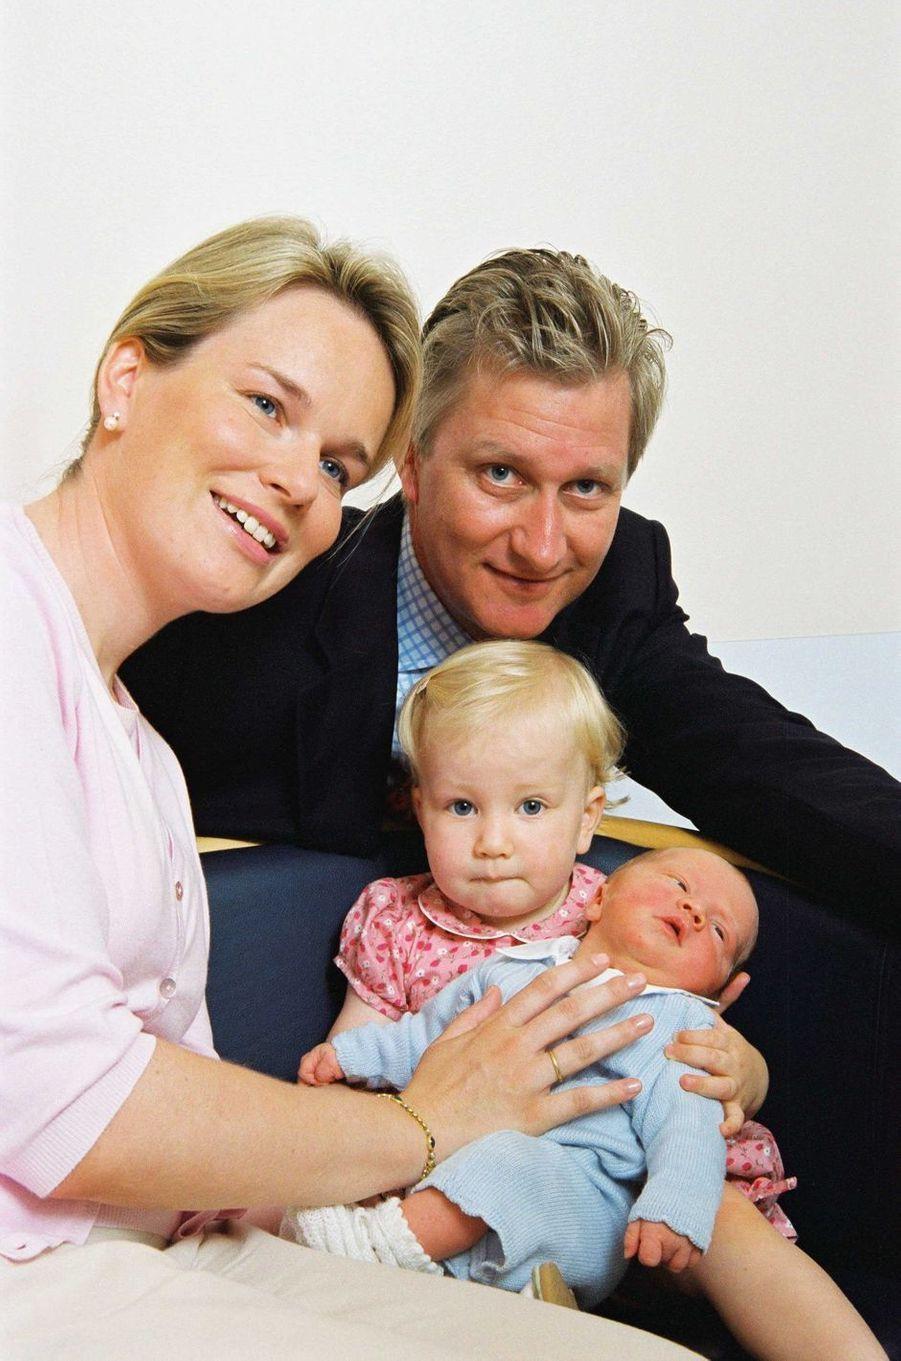 La princesse Elisabeth de Belgique avec ses parents et son frère le prince Gabriel, le 22 août 2003